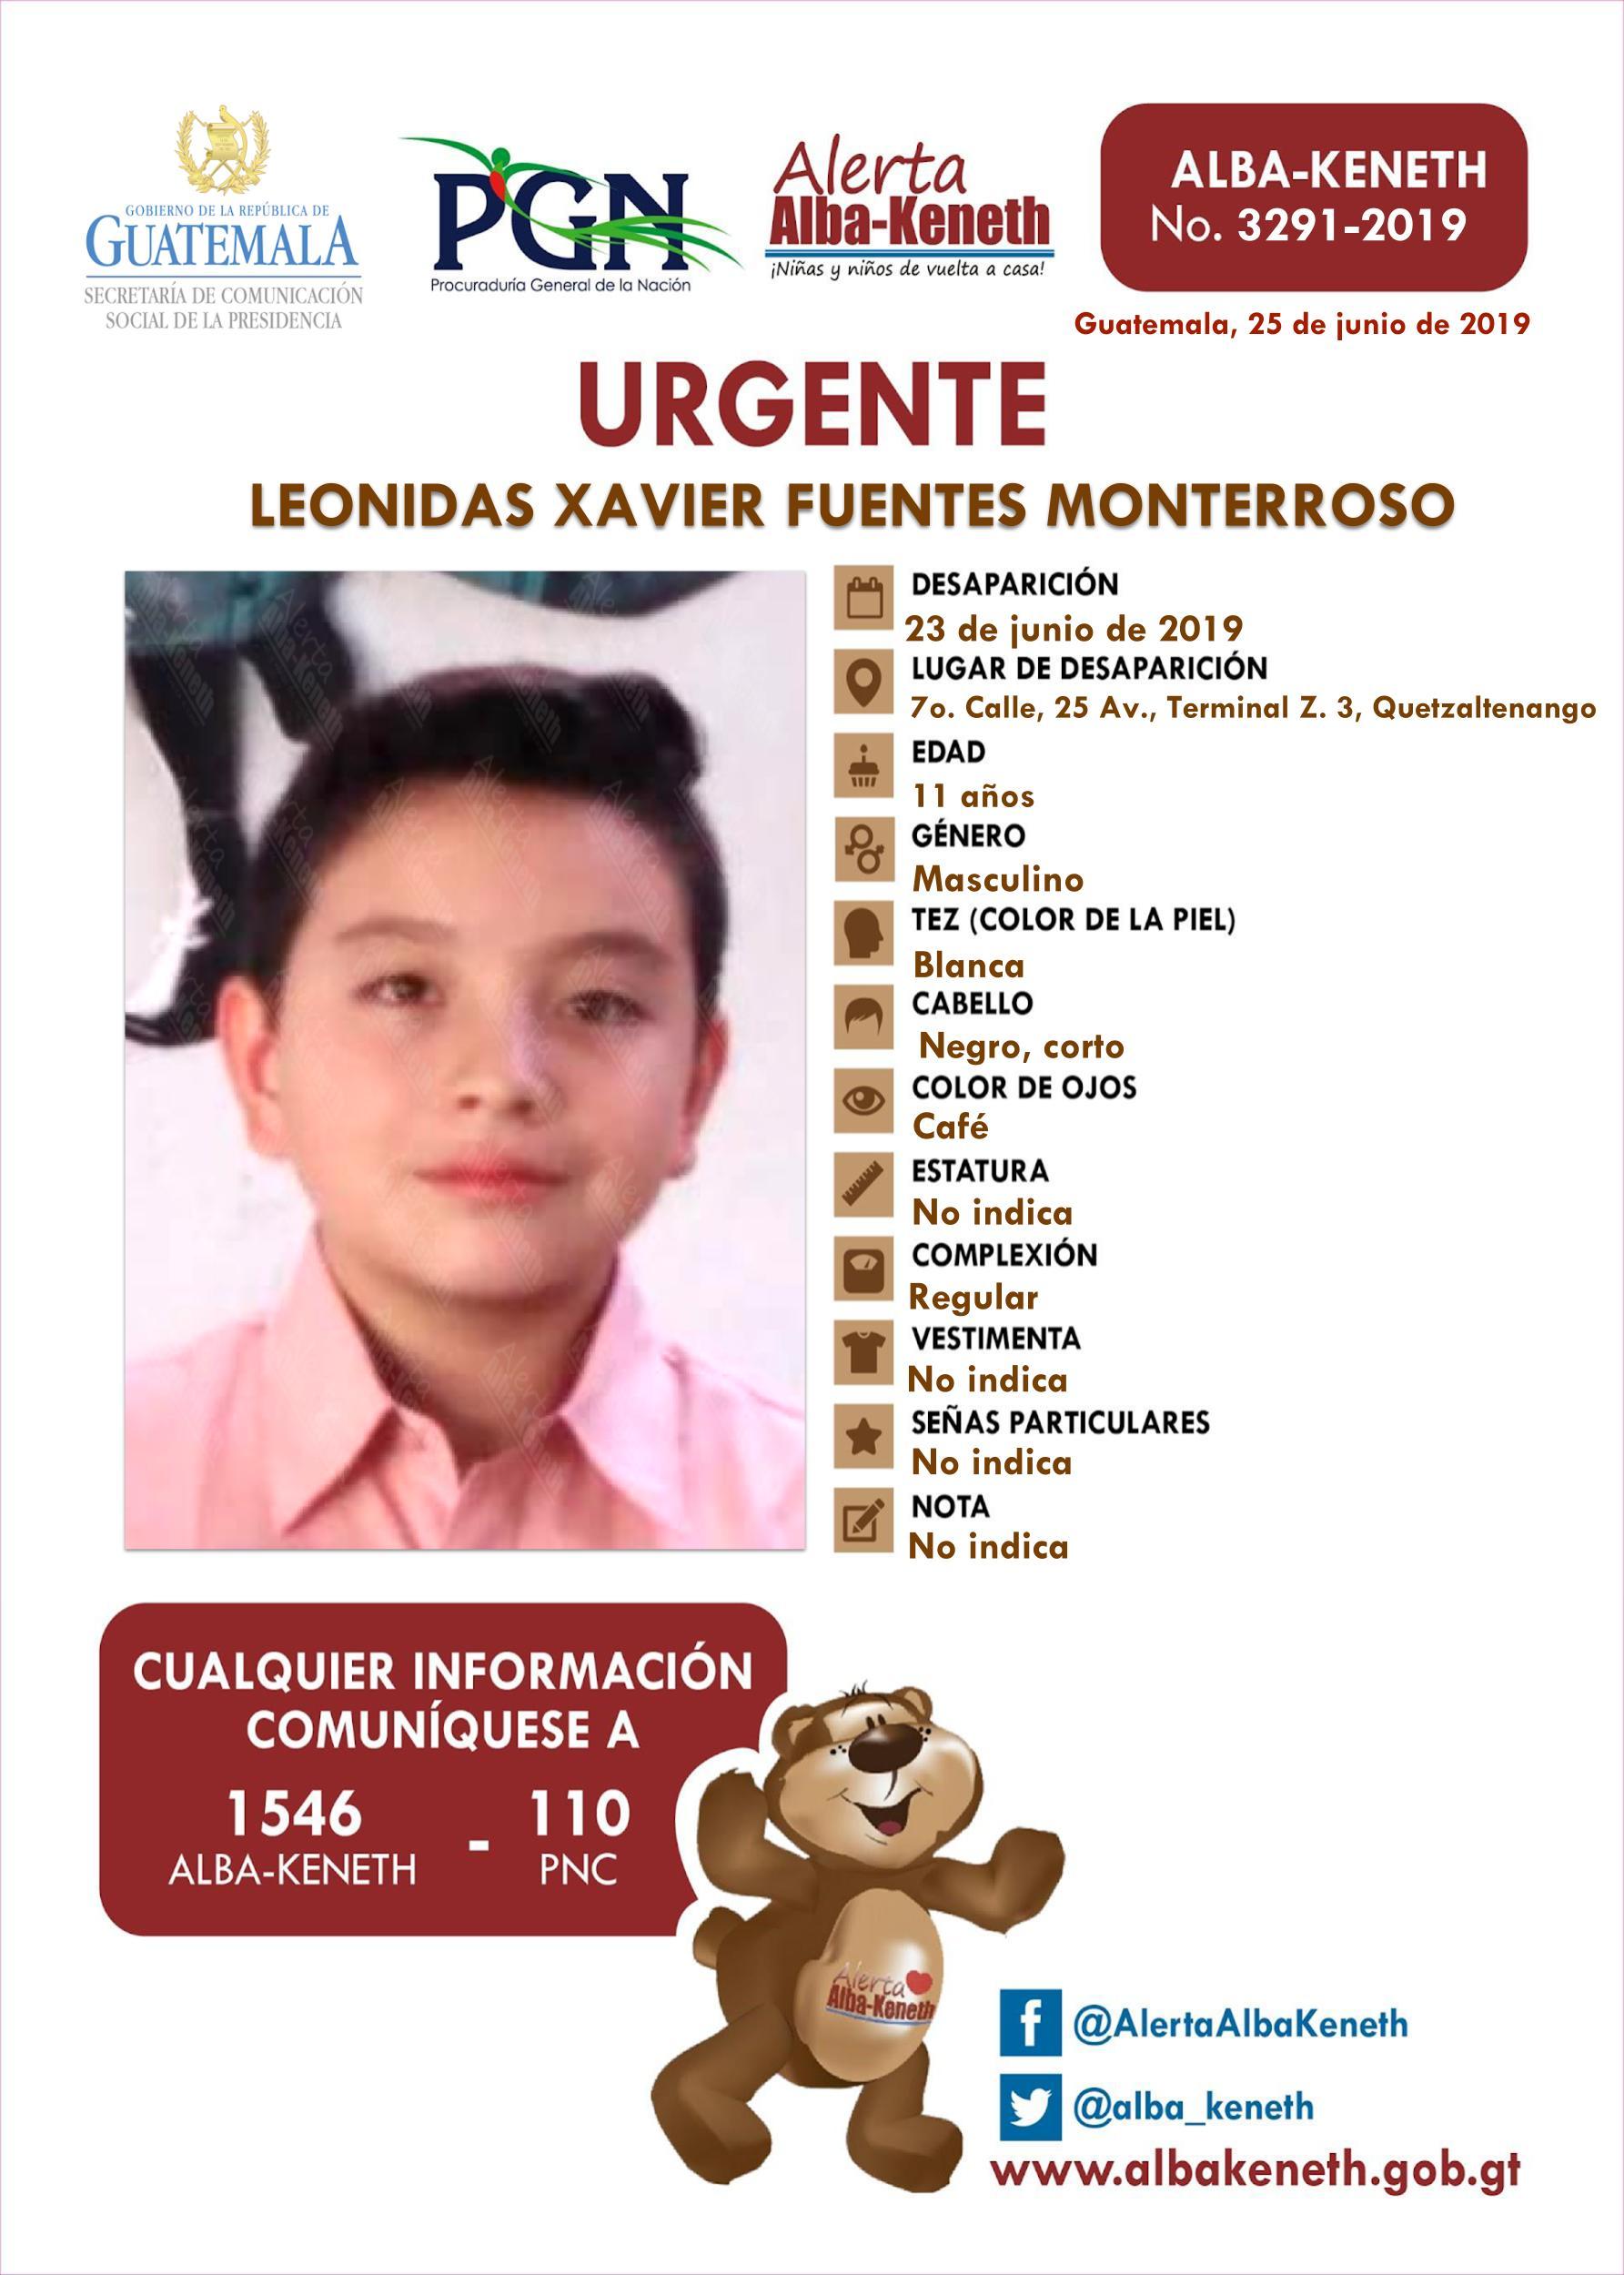 Leonidas Xavier Fuentes Monterroso